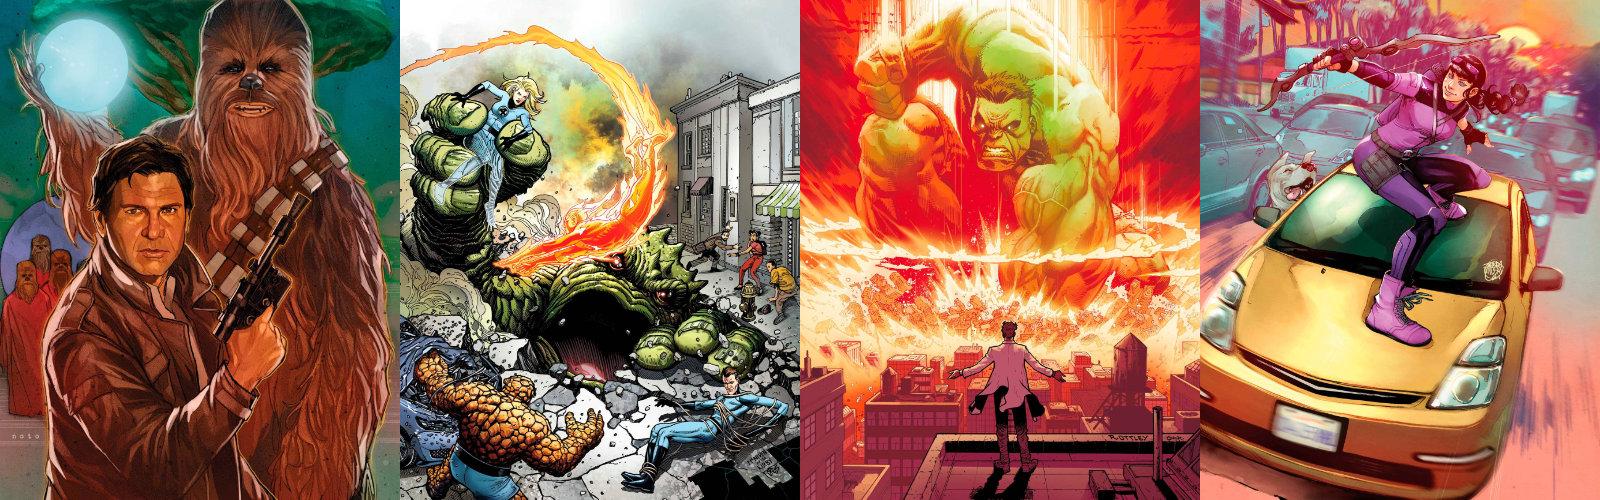 Solicitations: November 2021 – Marvel Comics